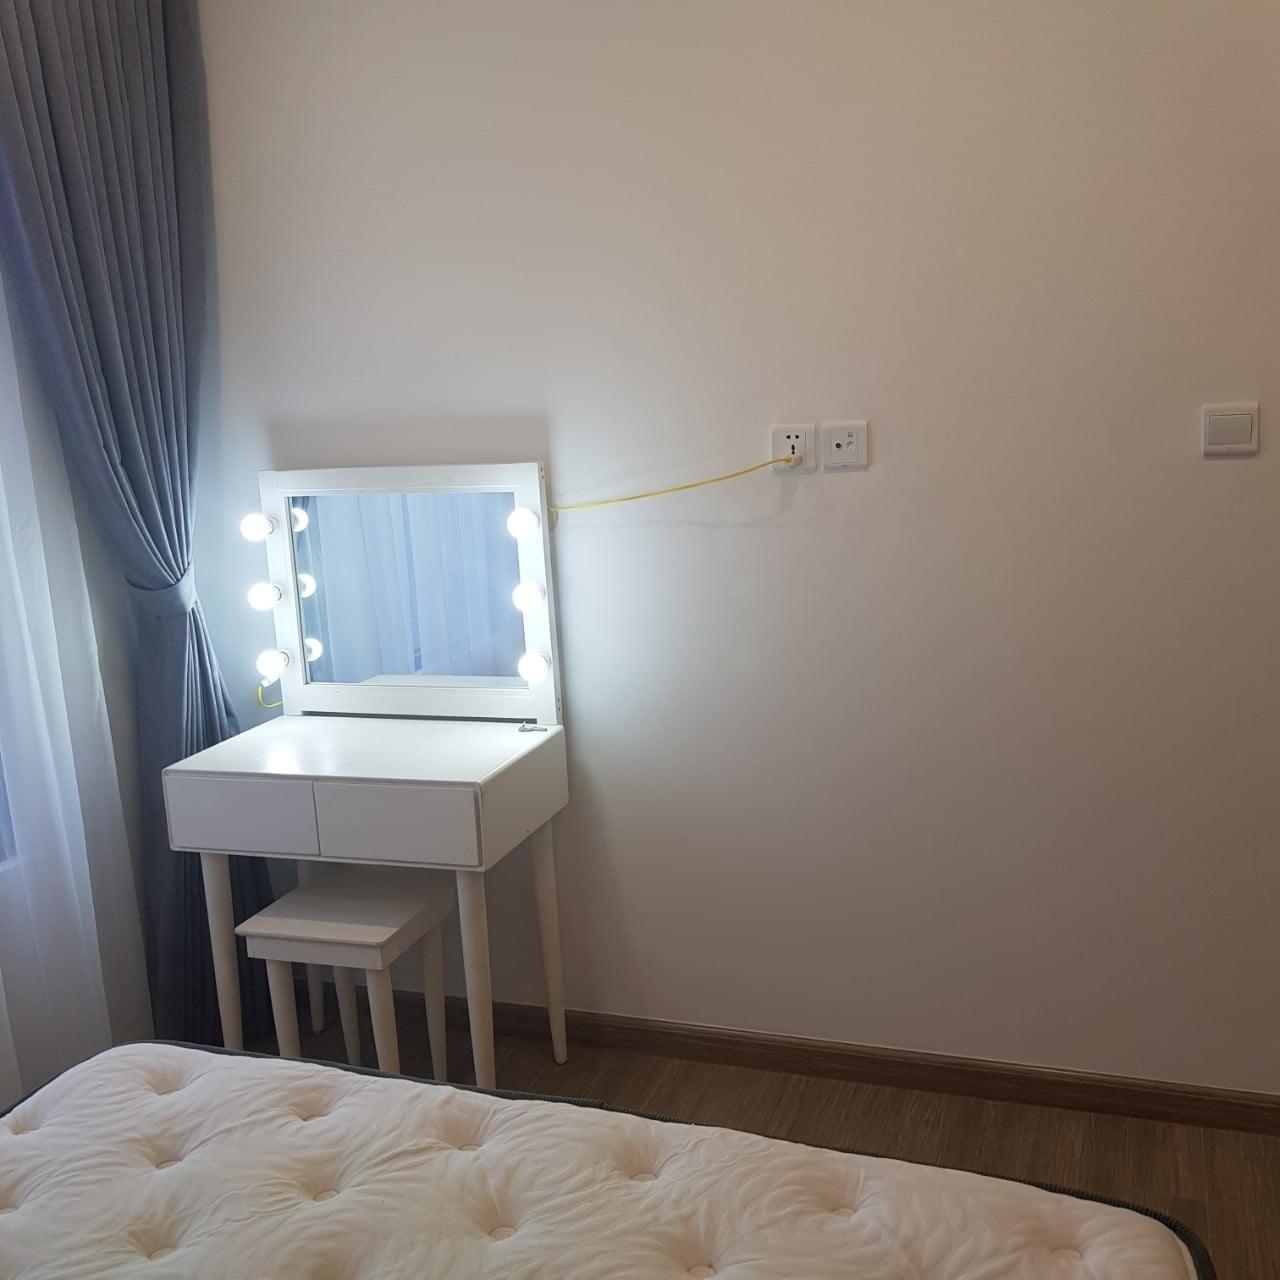 Căn hộ 3 phòng ngủ nội thất đầy đủ tầng 8 toà S3.02 giá 10tr/tháng 1